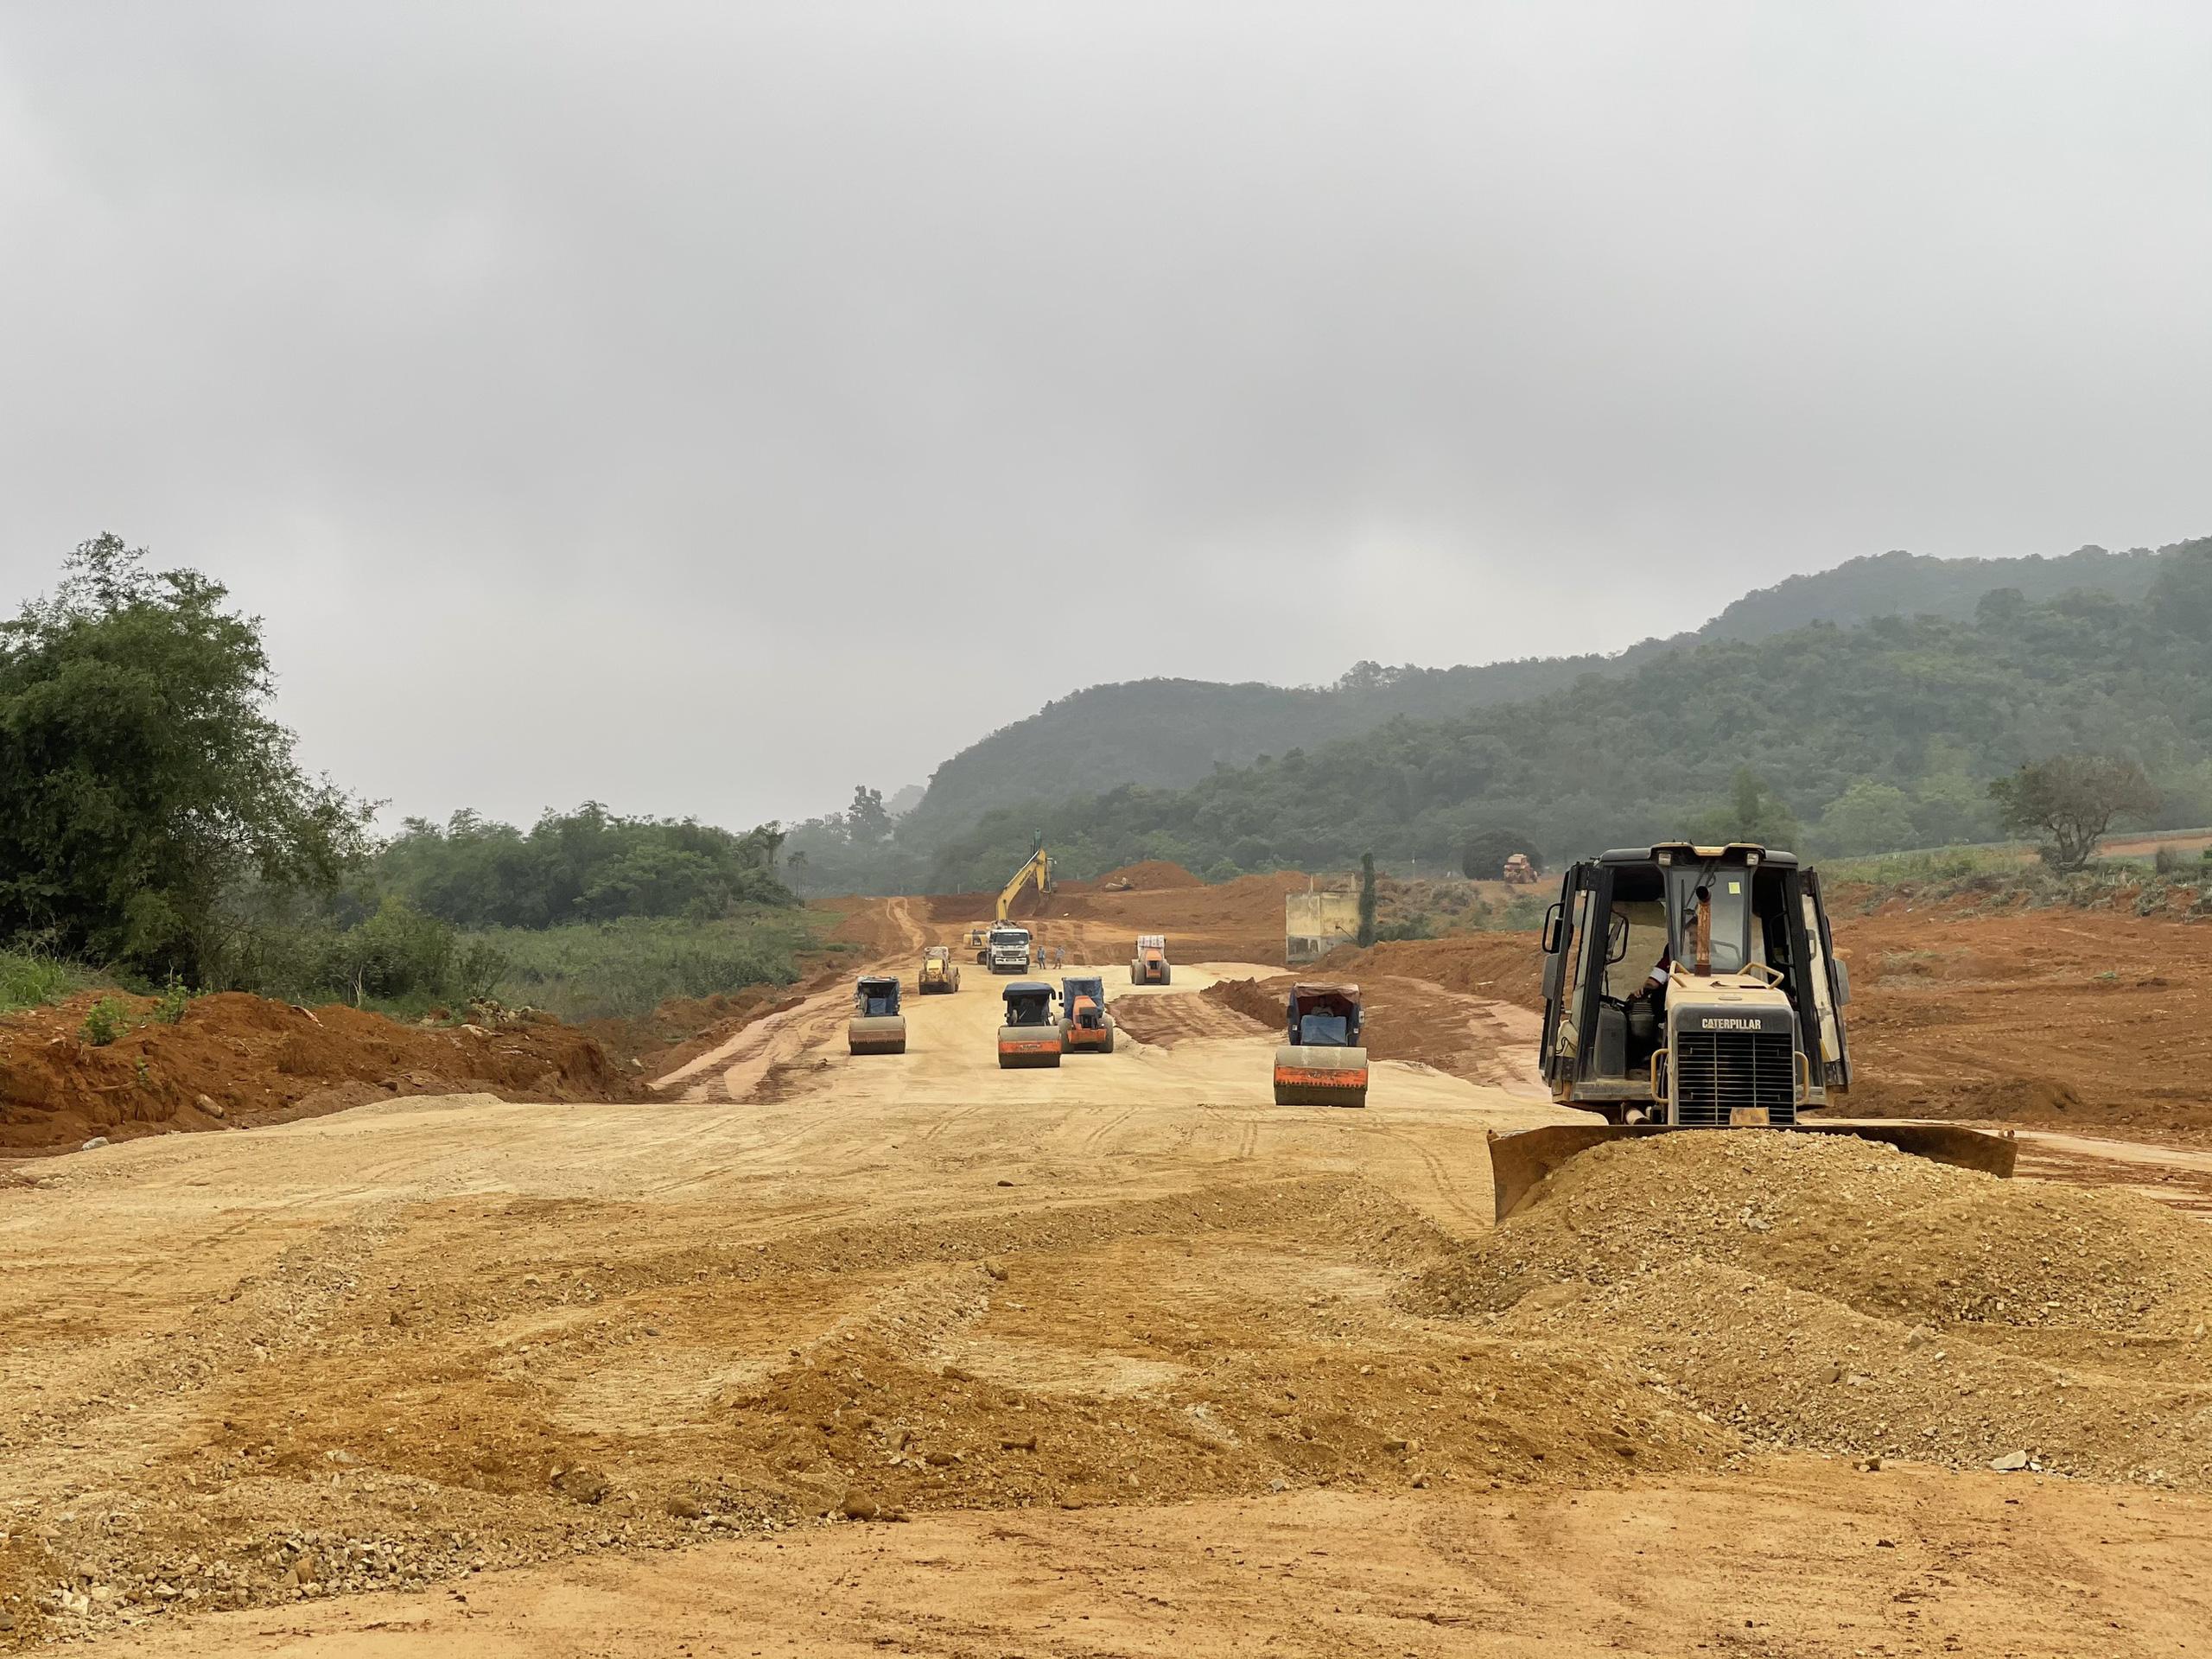 Thiếu vật liệu, 4 dự án của cao tốc Bắc - Nam chậm tiến độ - Ảnh 1.